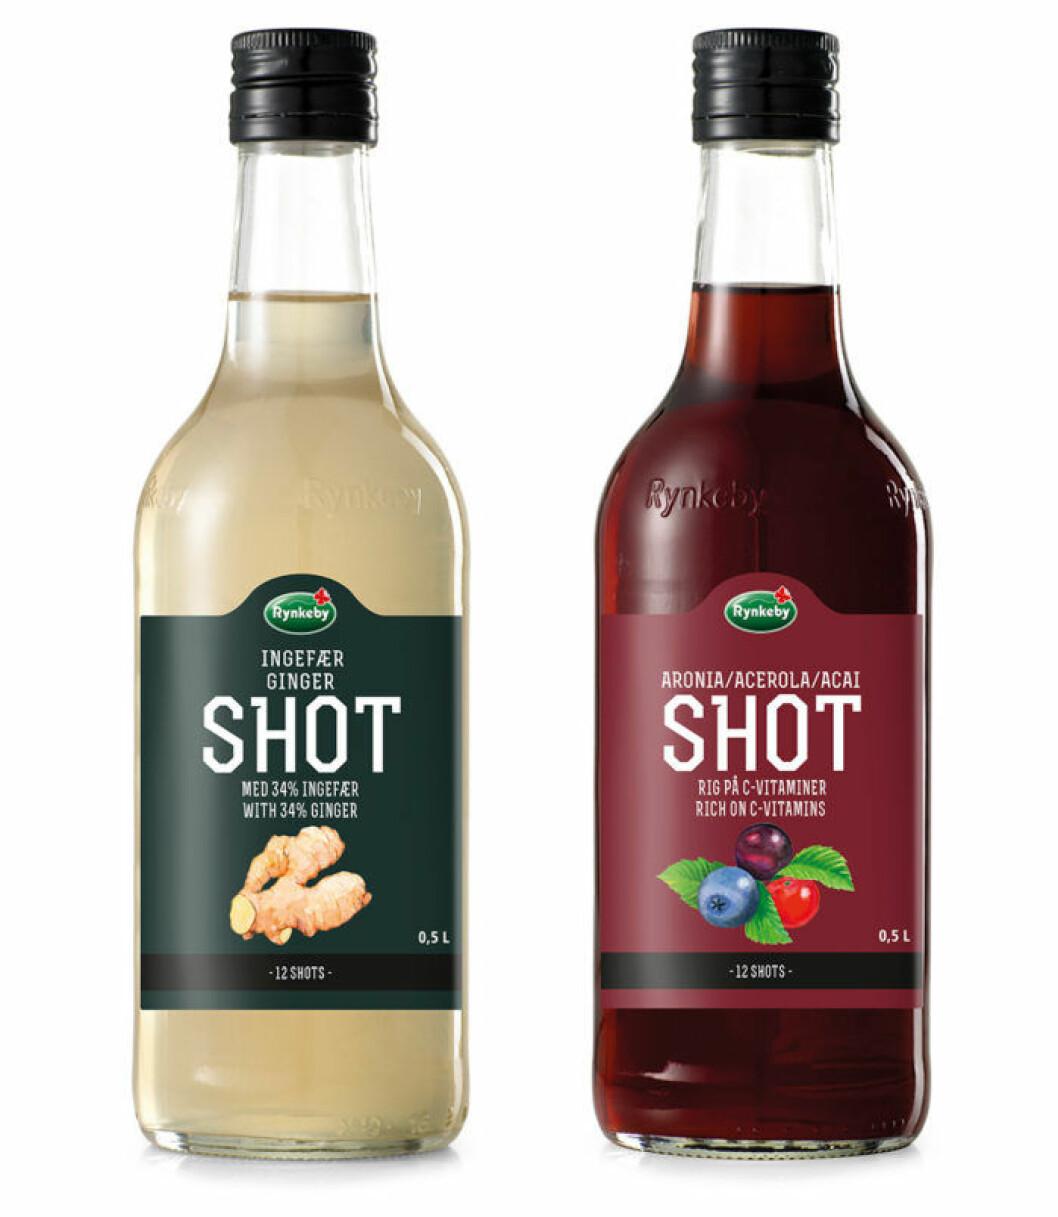 Ingefära Shot och Aronia Shot från Rynkeby.